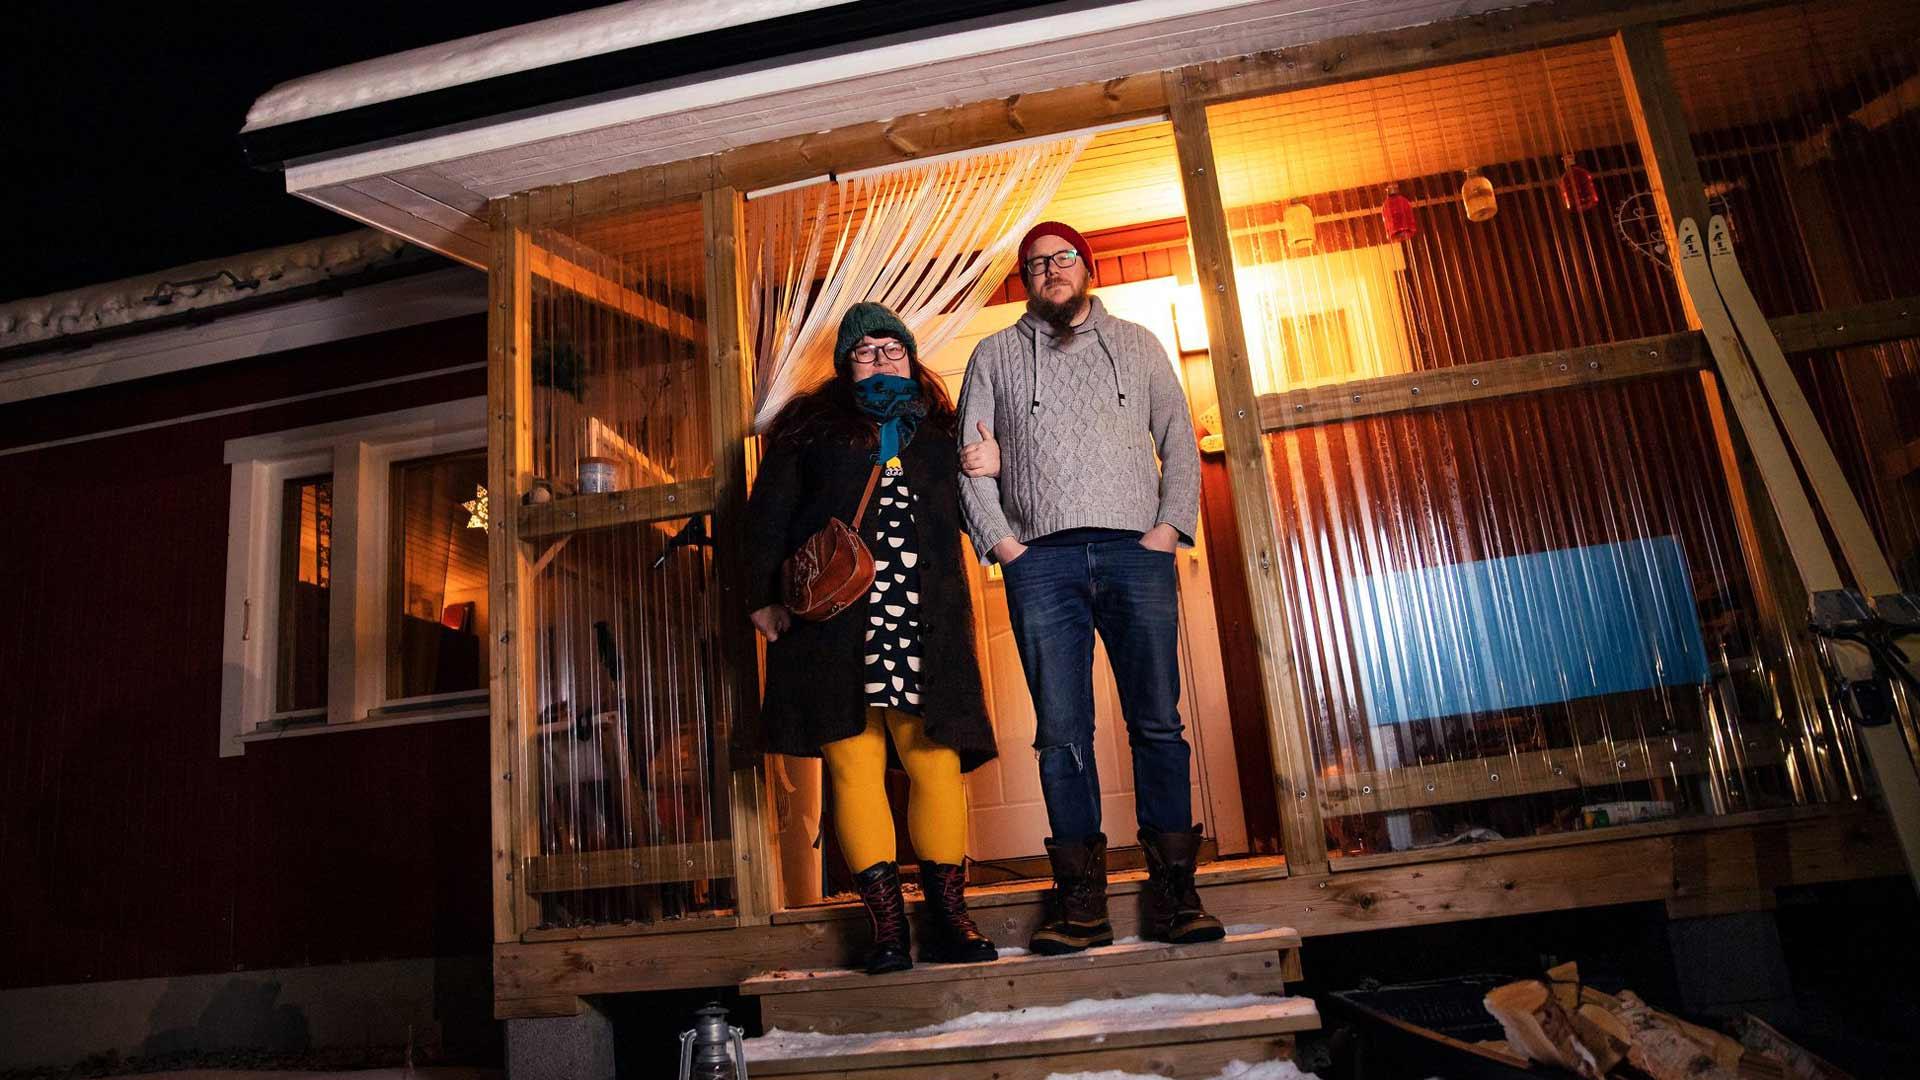 Jonna ja Mikko Lähteenmäki asuvat vuokralla talossa, josta lähin naapurin on kilometrien päässä. Syvimmän kaamoksen aikaan pariskunnan tekee mieli vain kölliä kotona.